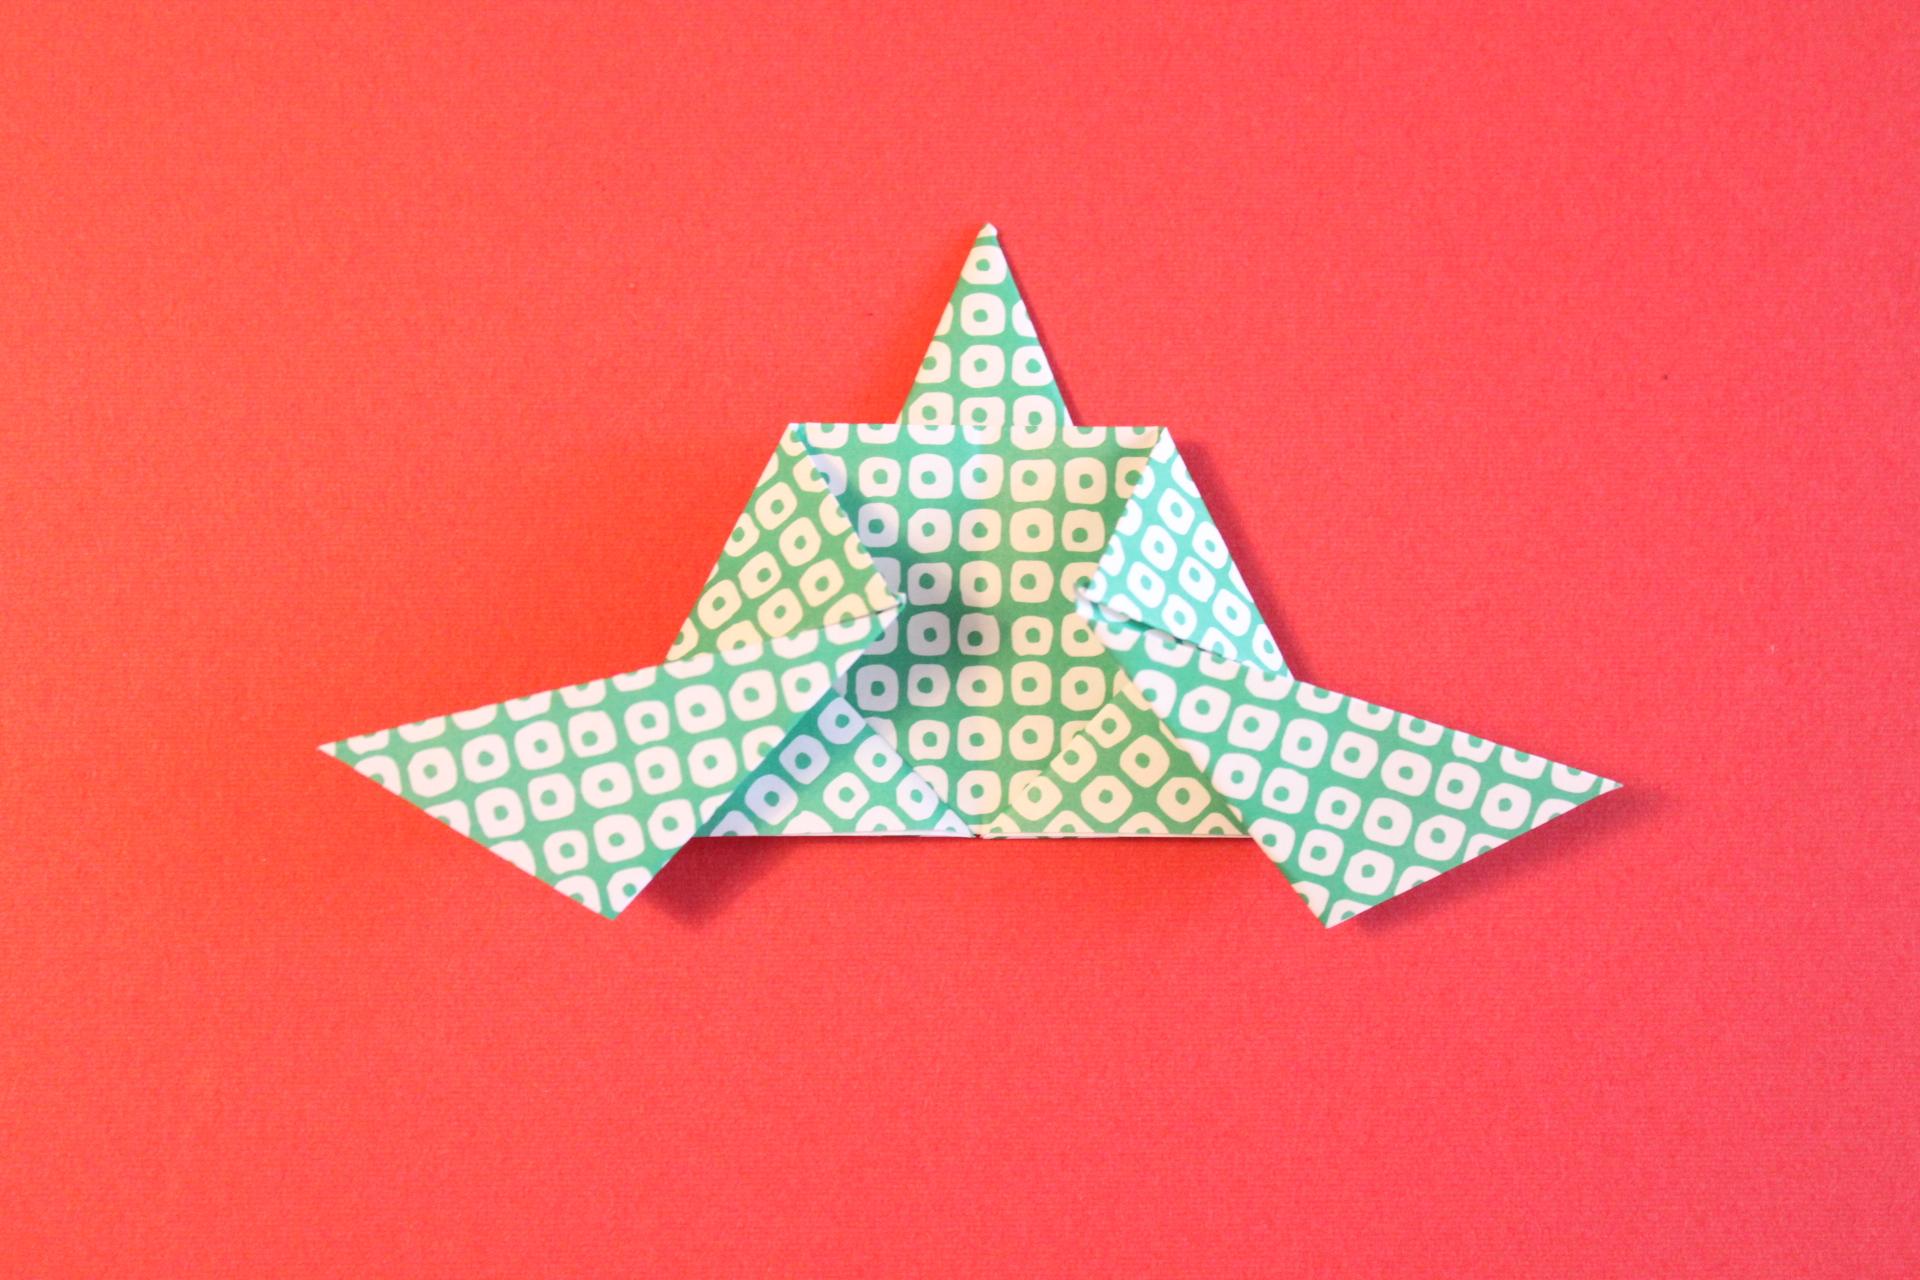 折り紙で仕丁の折り方